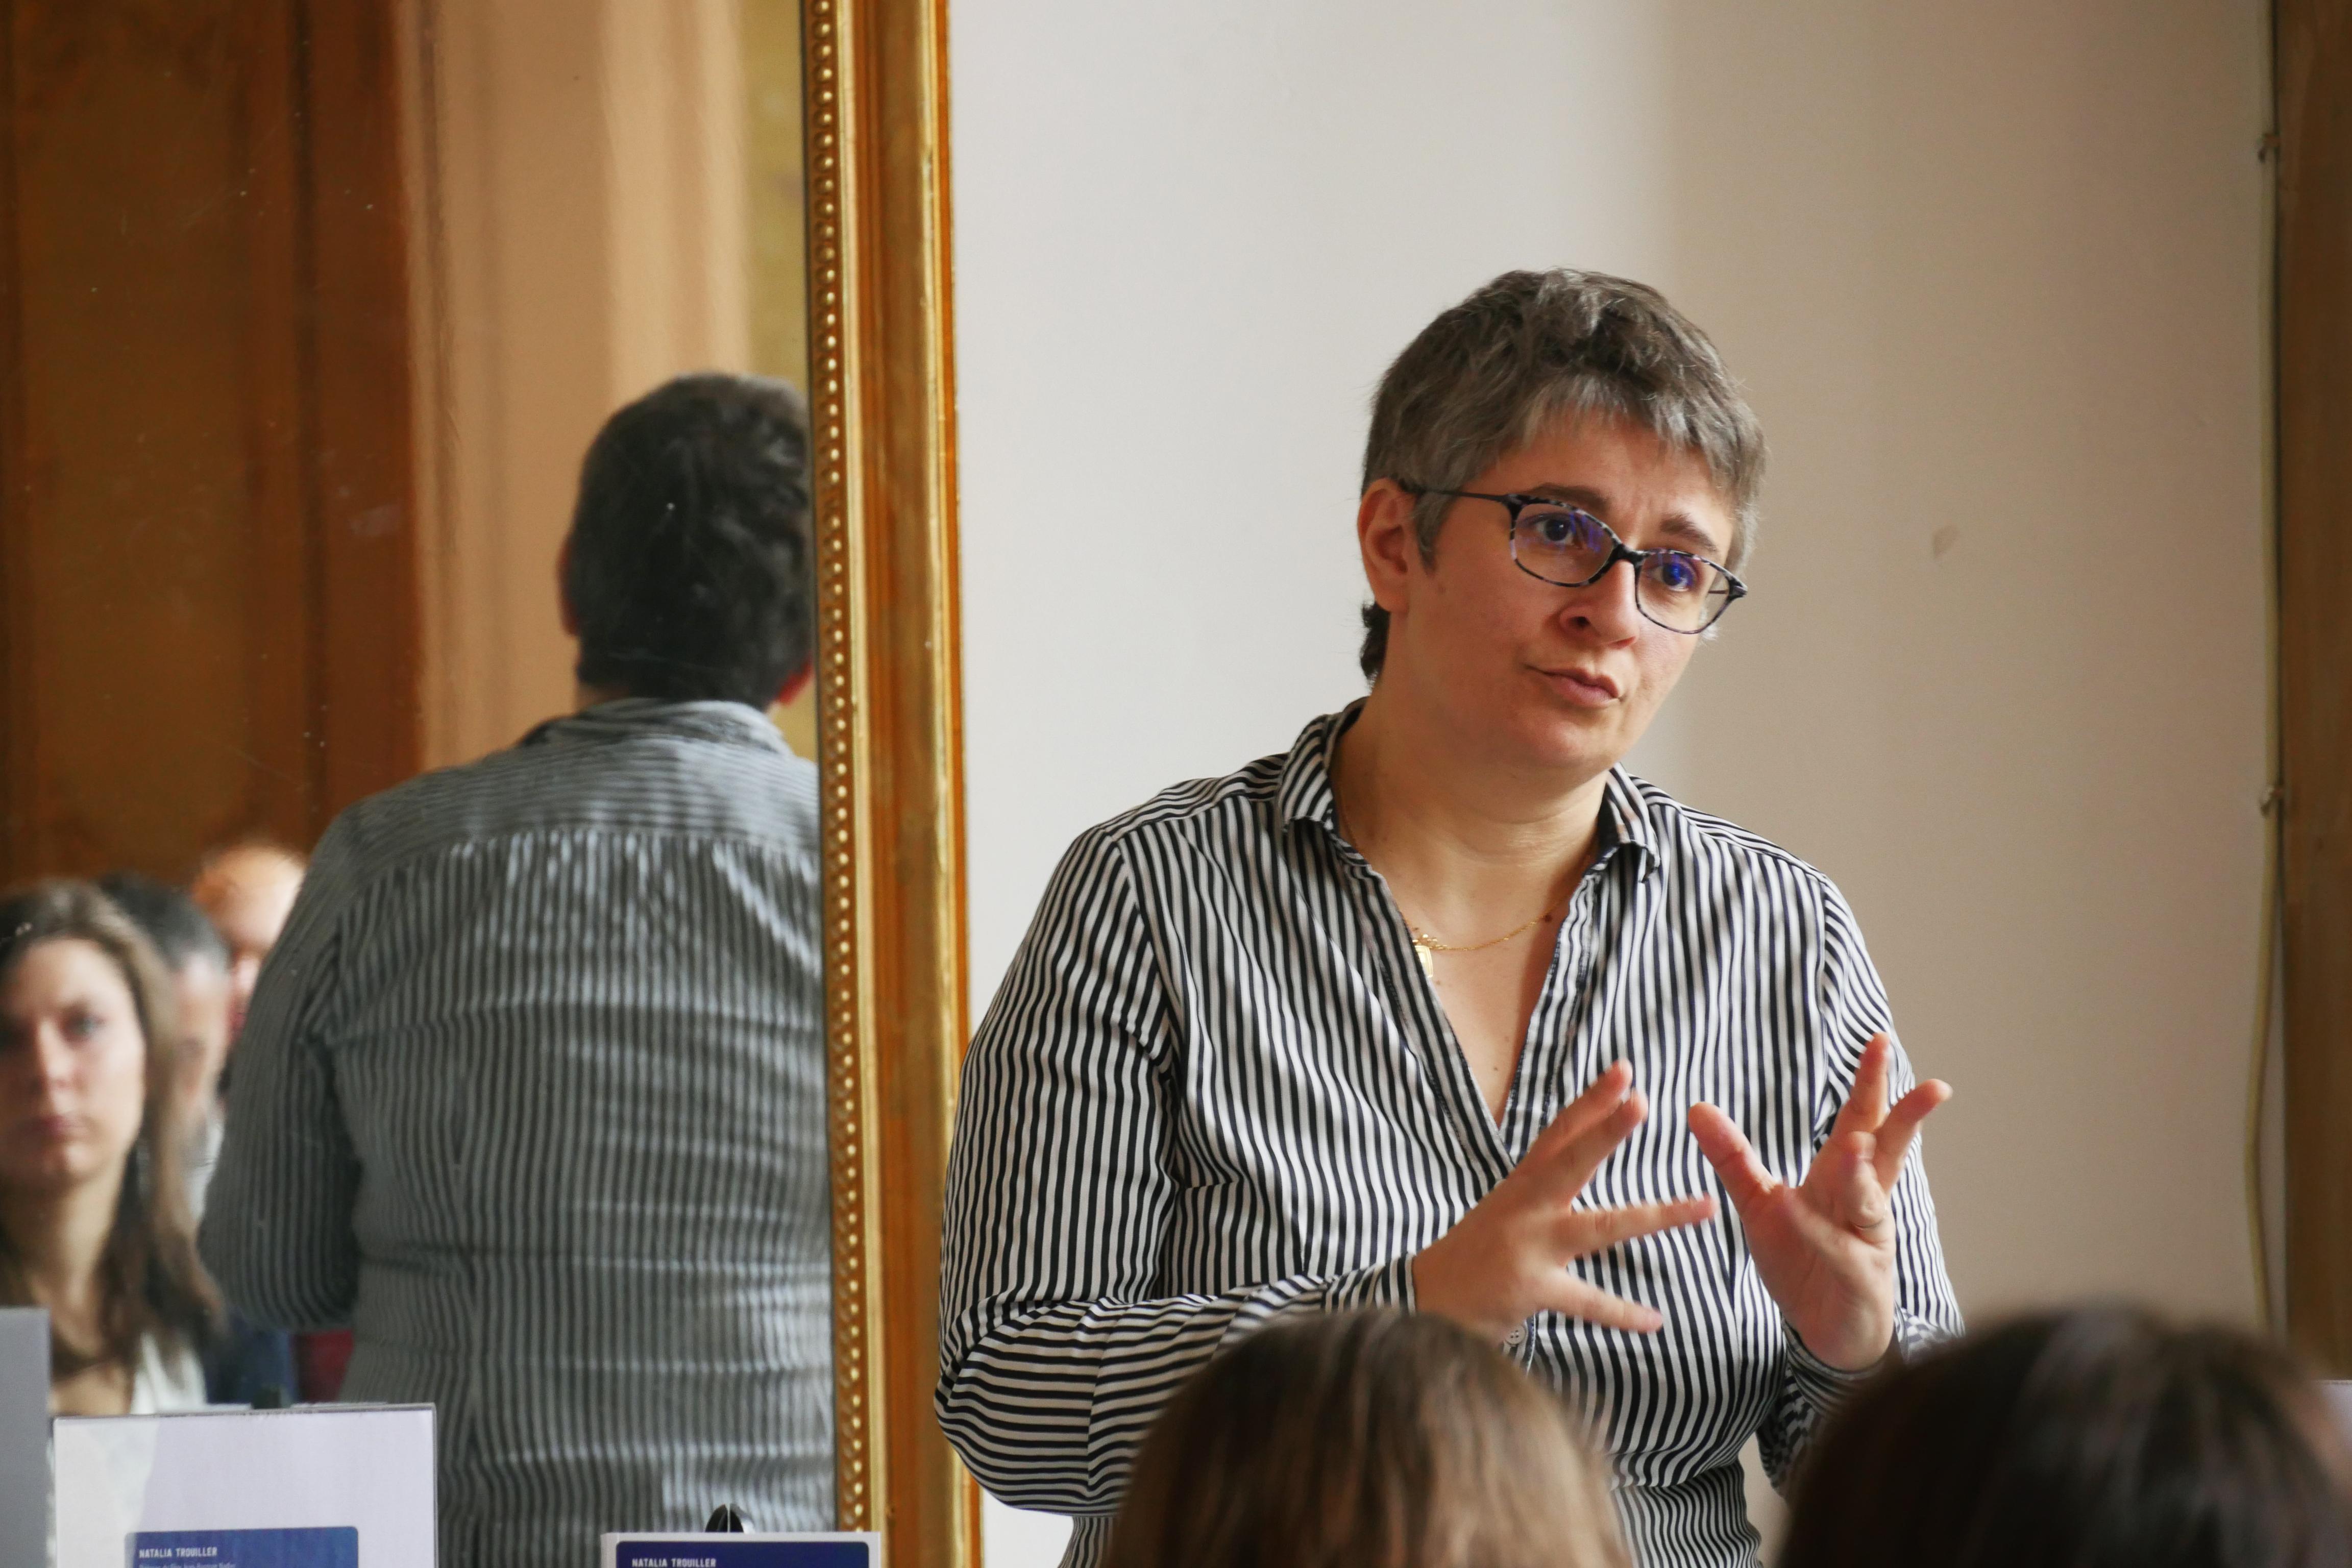 Natalia Trouillet